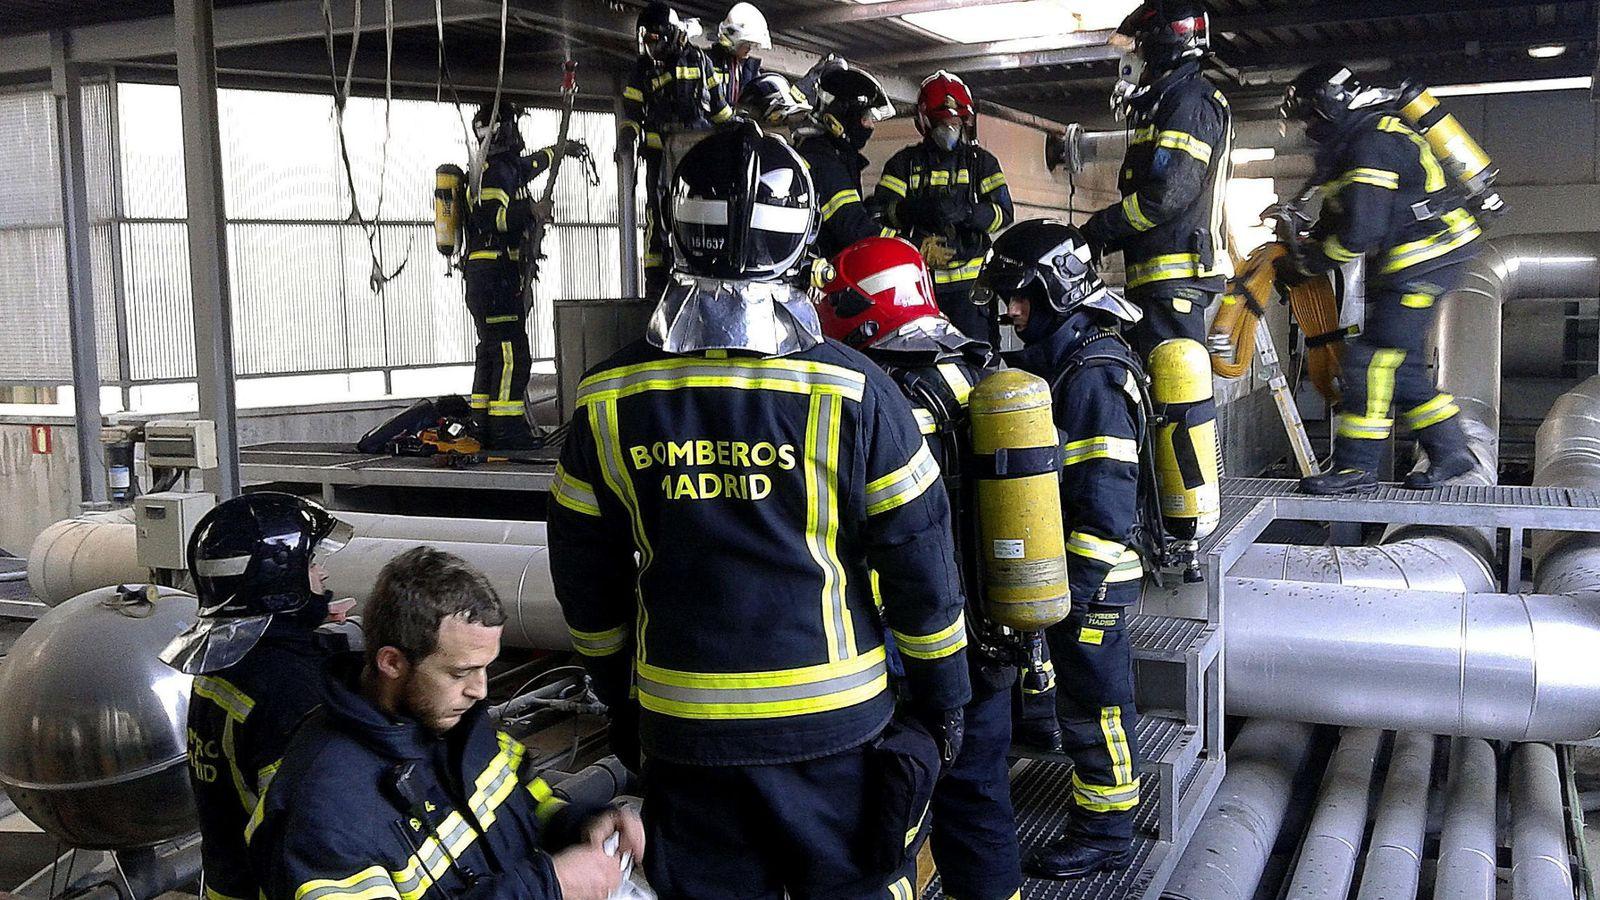 Foto: Bomberos del Ayuntamiento de Madrid. (EFE)